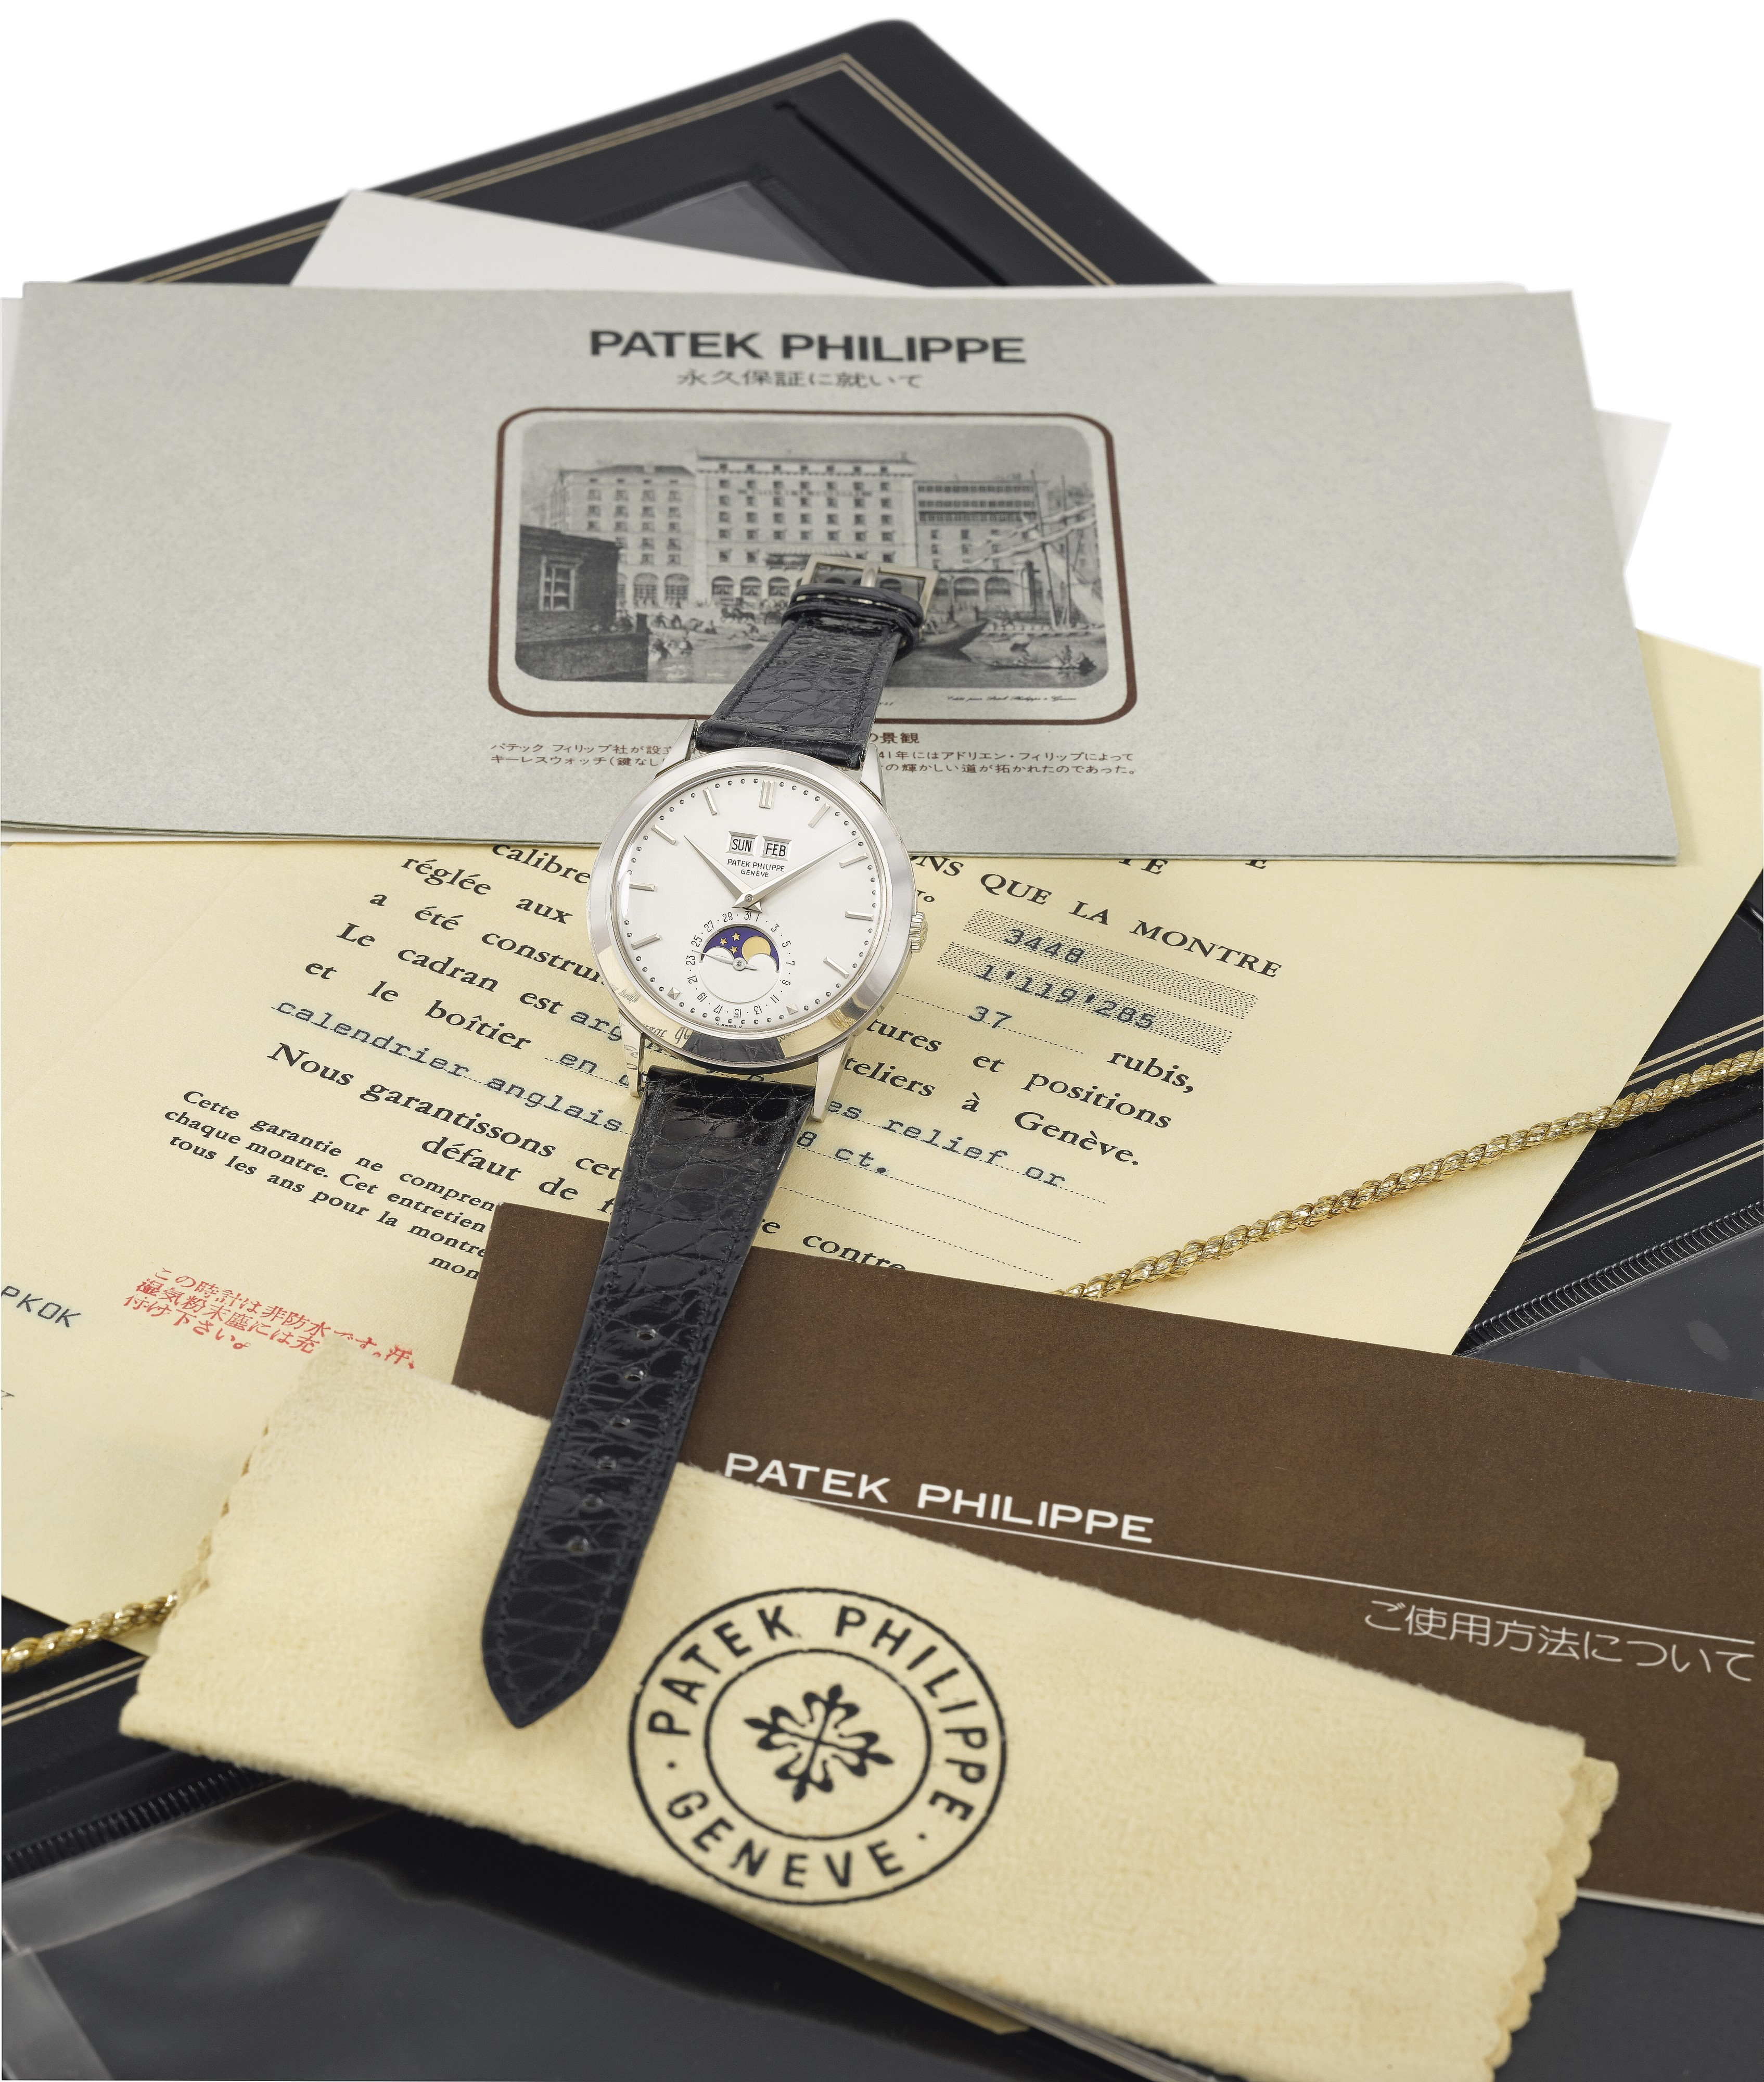 La montre Patek Philippe Ref 3498 en vente chez Christie's